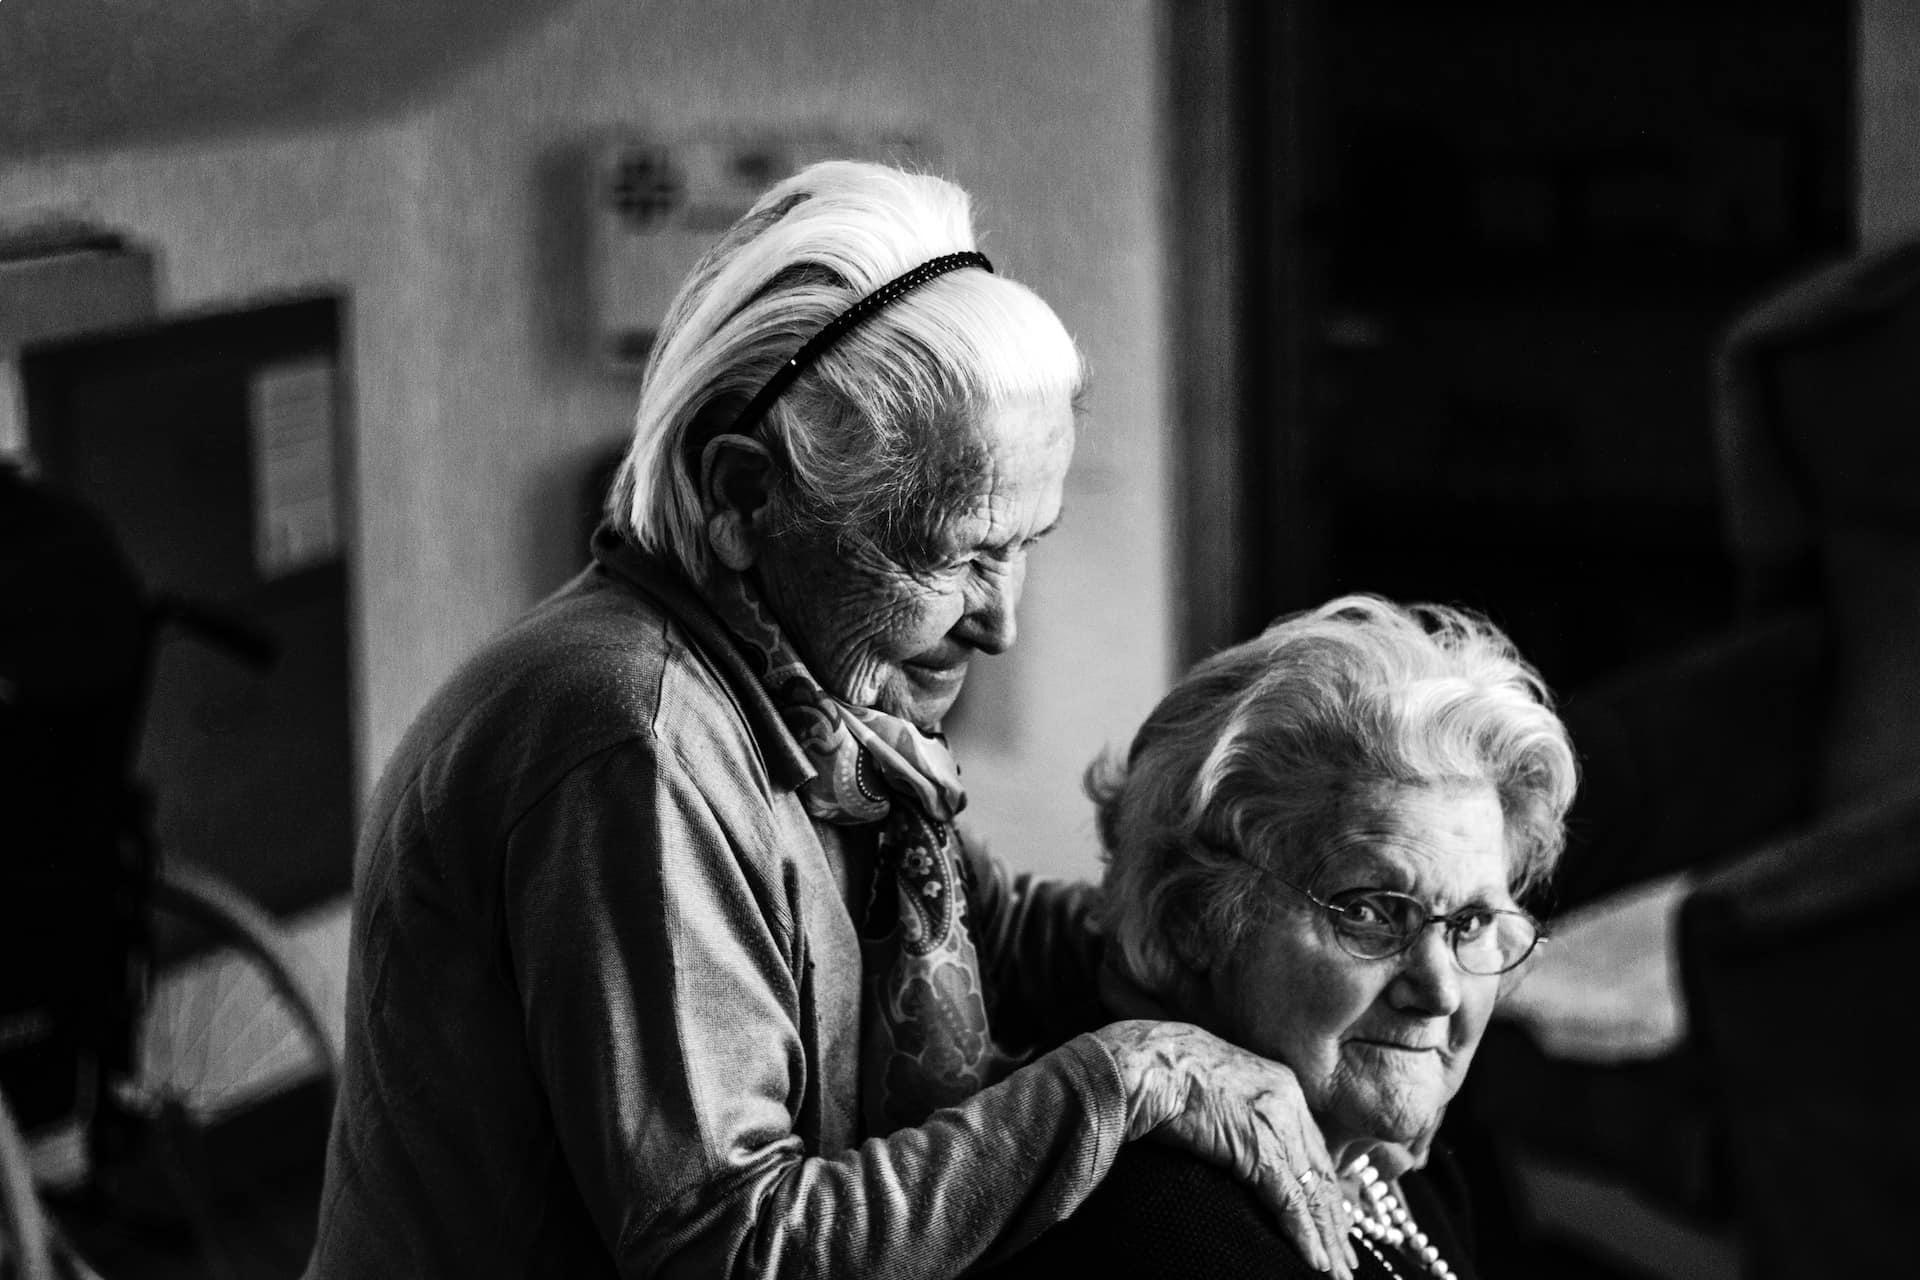 Hvordan blir alderdommen i framtiden?